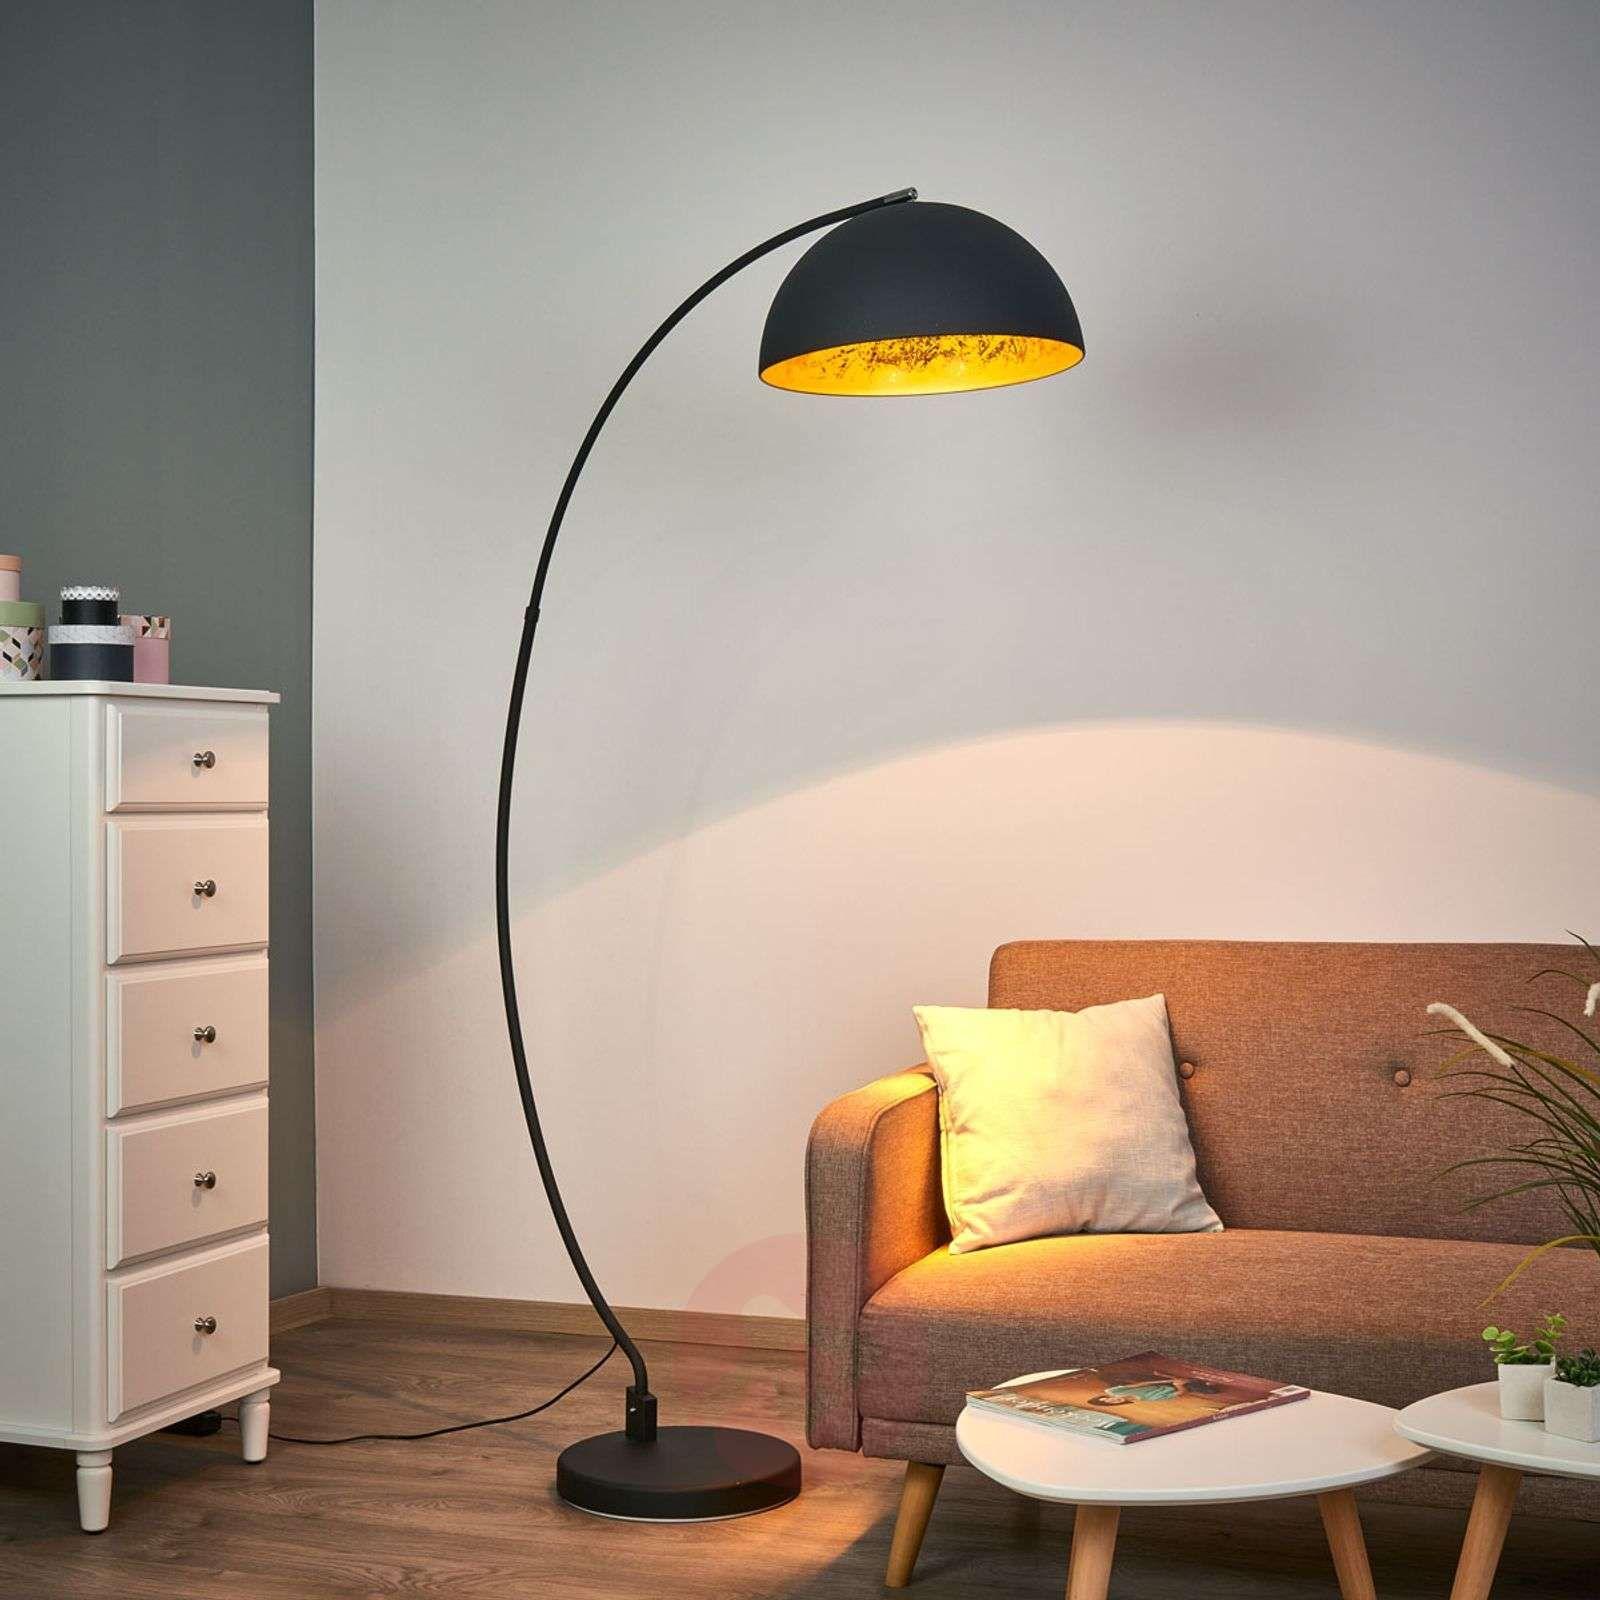 Lampa Podlogowa Led Lidl Oswietlenie Korytarza I Klatki Schodowej Przedpokoj Oswietlenie Aranza Floor Lamps Living Room Arched Floor Lamp Curved Floor Lamp